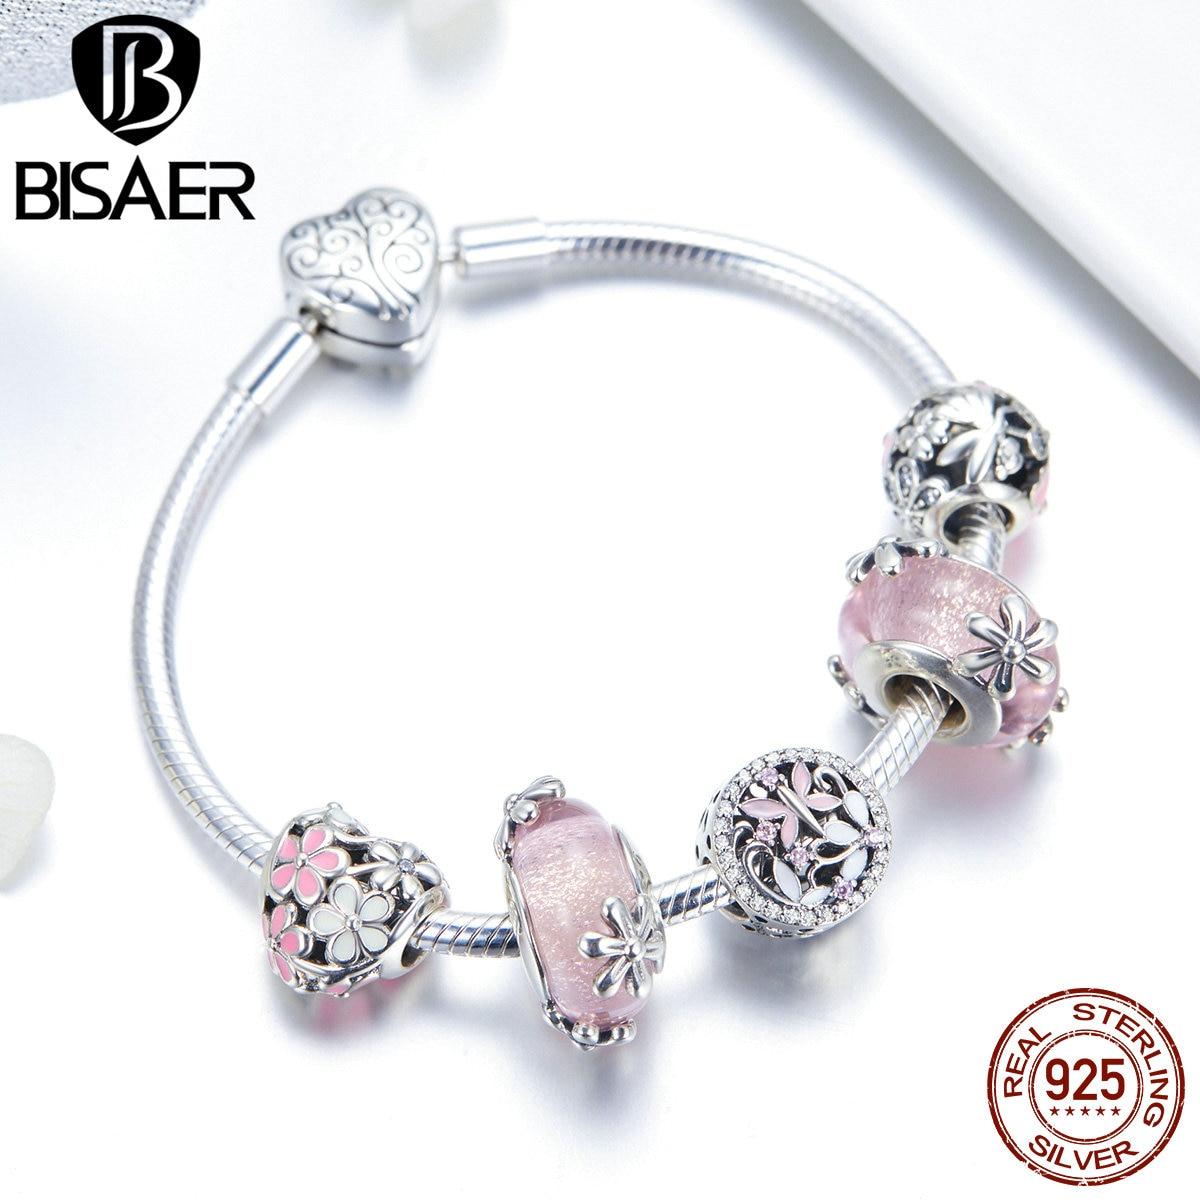 BISAER браслеты в форме сердца, 925 пробы, серебряный, розовый, Маргаритка, персик, цветок, сердце, женские браслеты для женщин, серебро 925, ювелирн... - 6